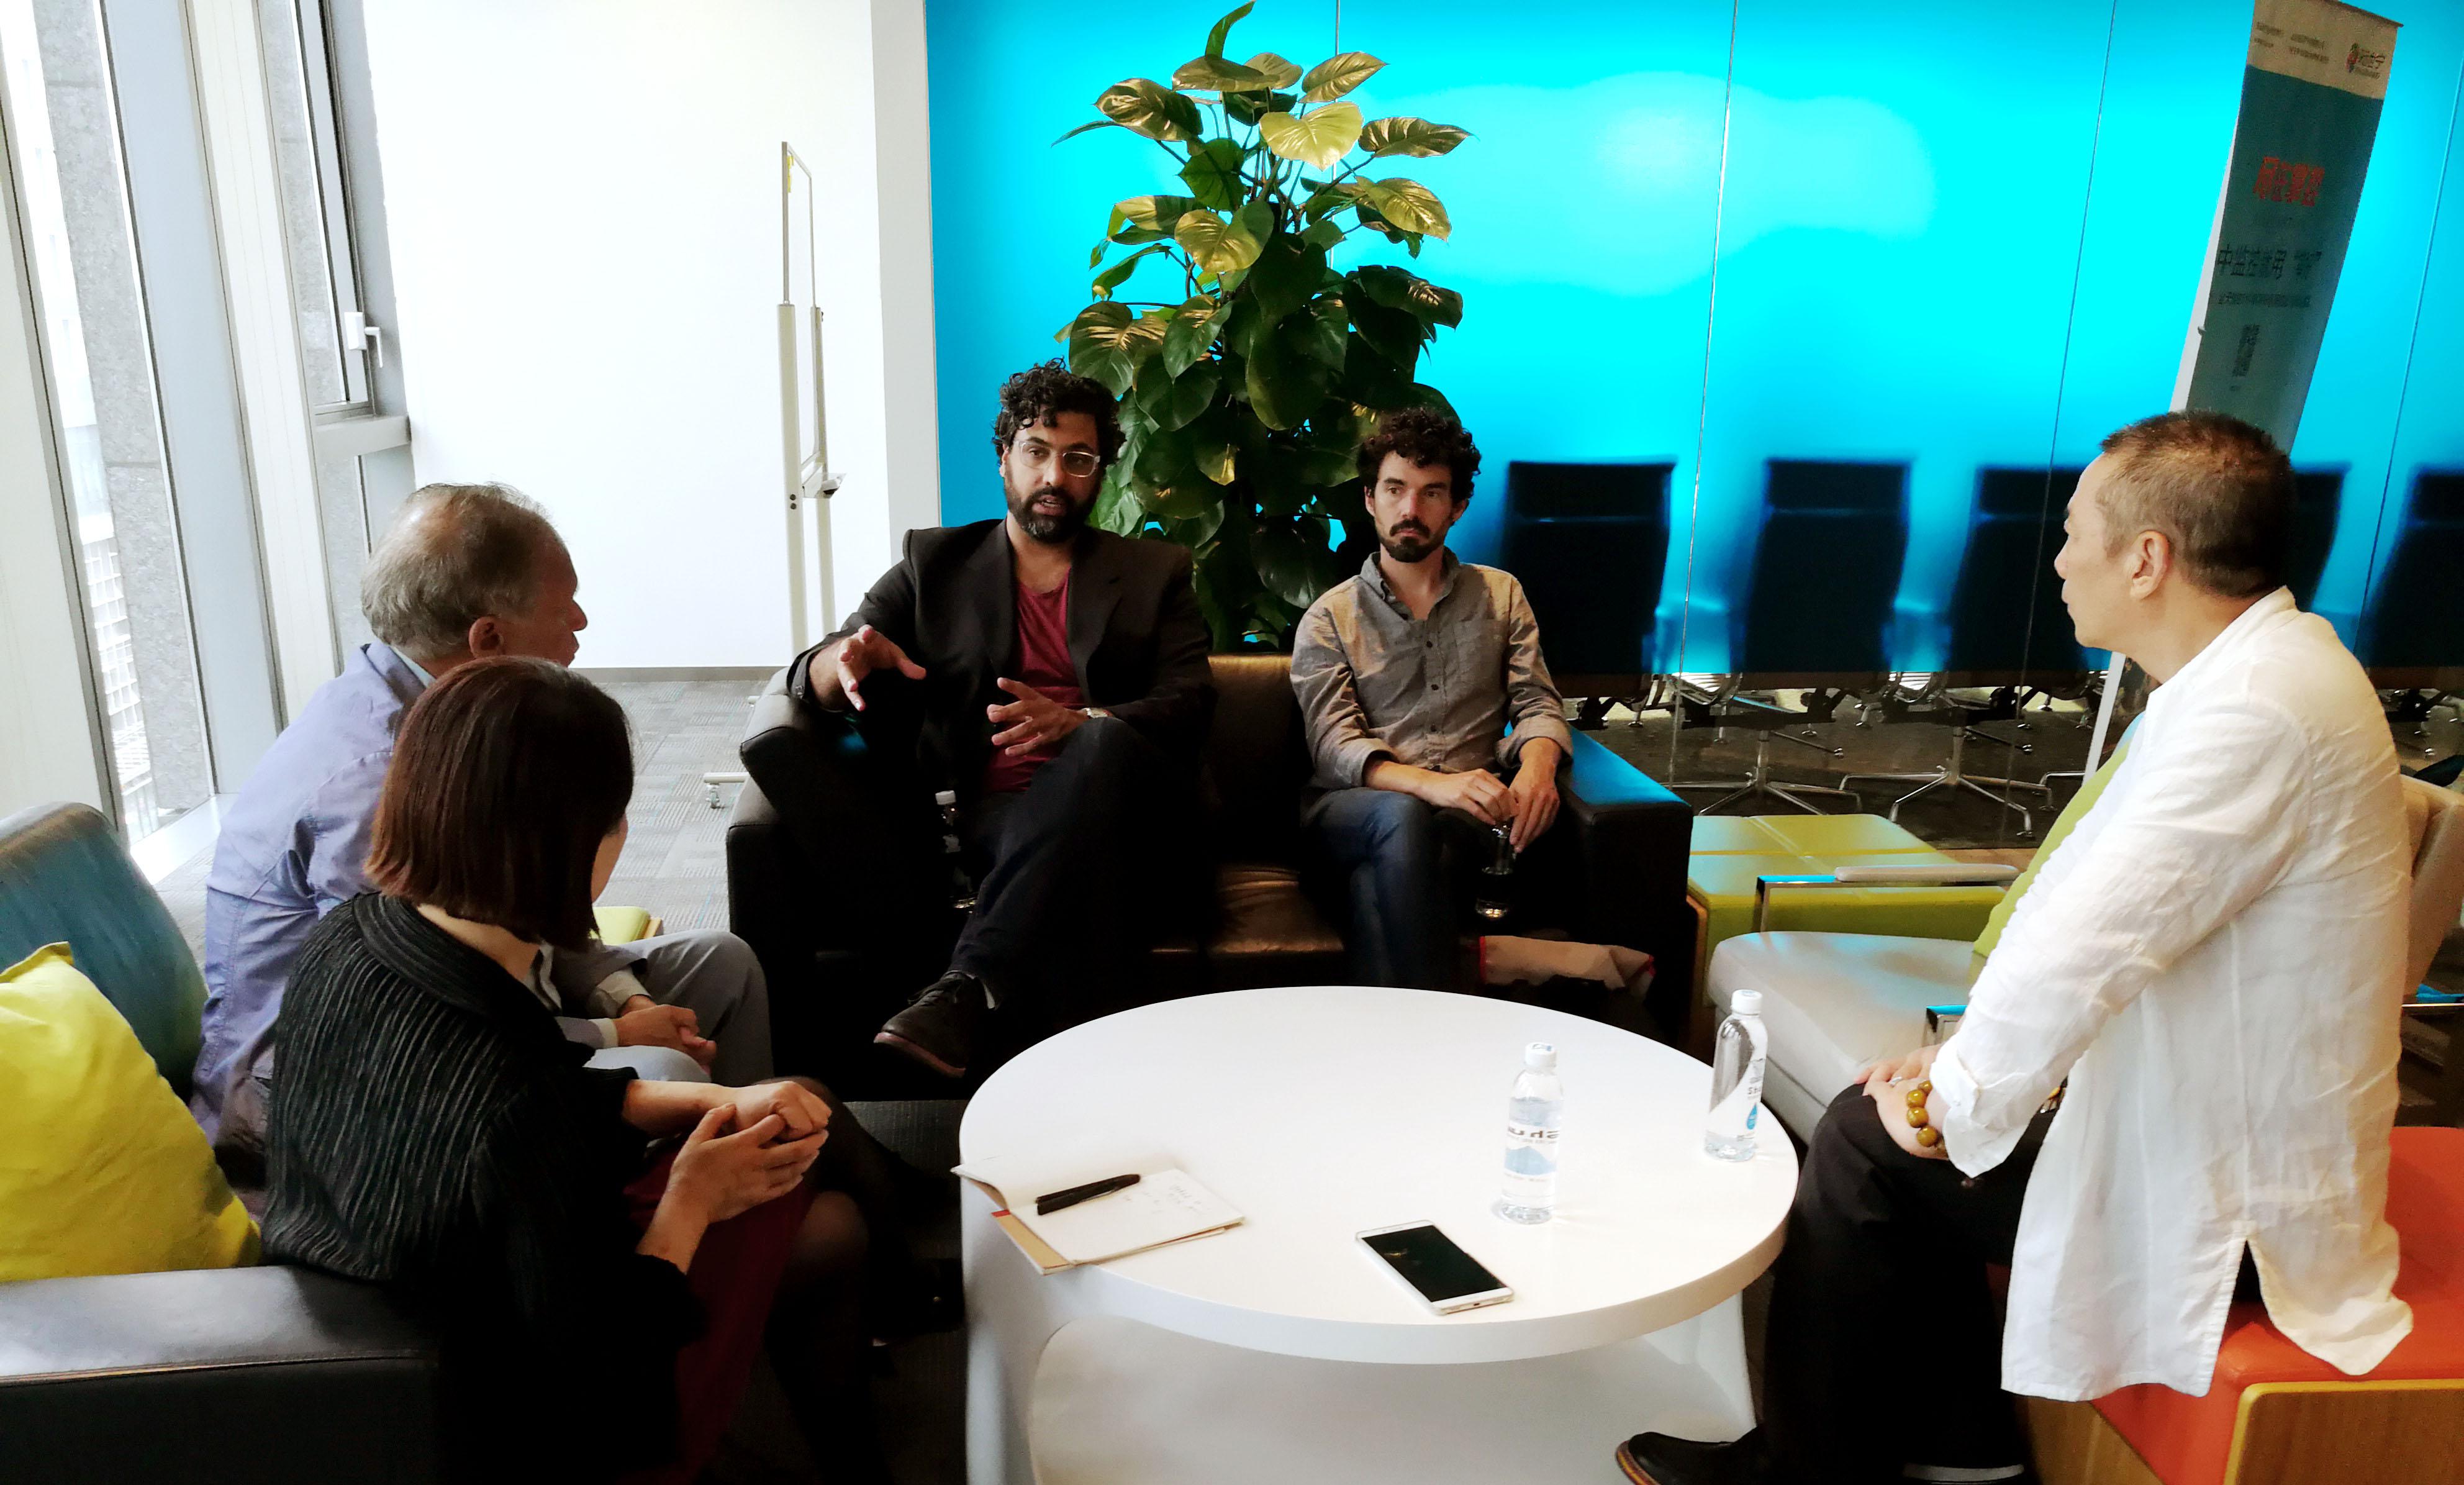 與美國斯坦福大學專家教授在北京的交流活動